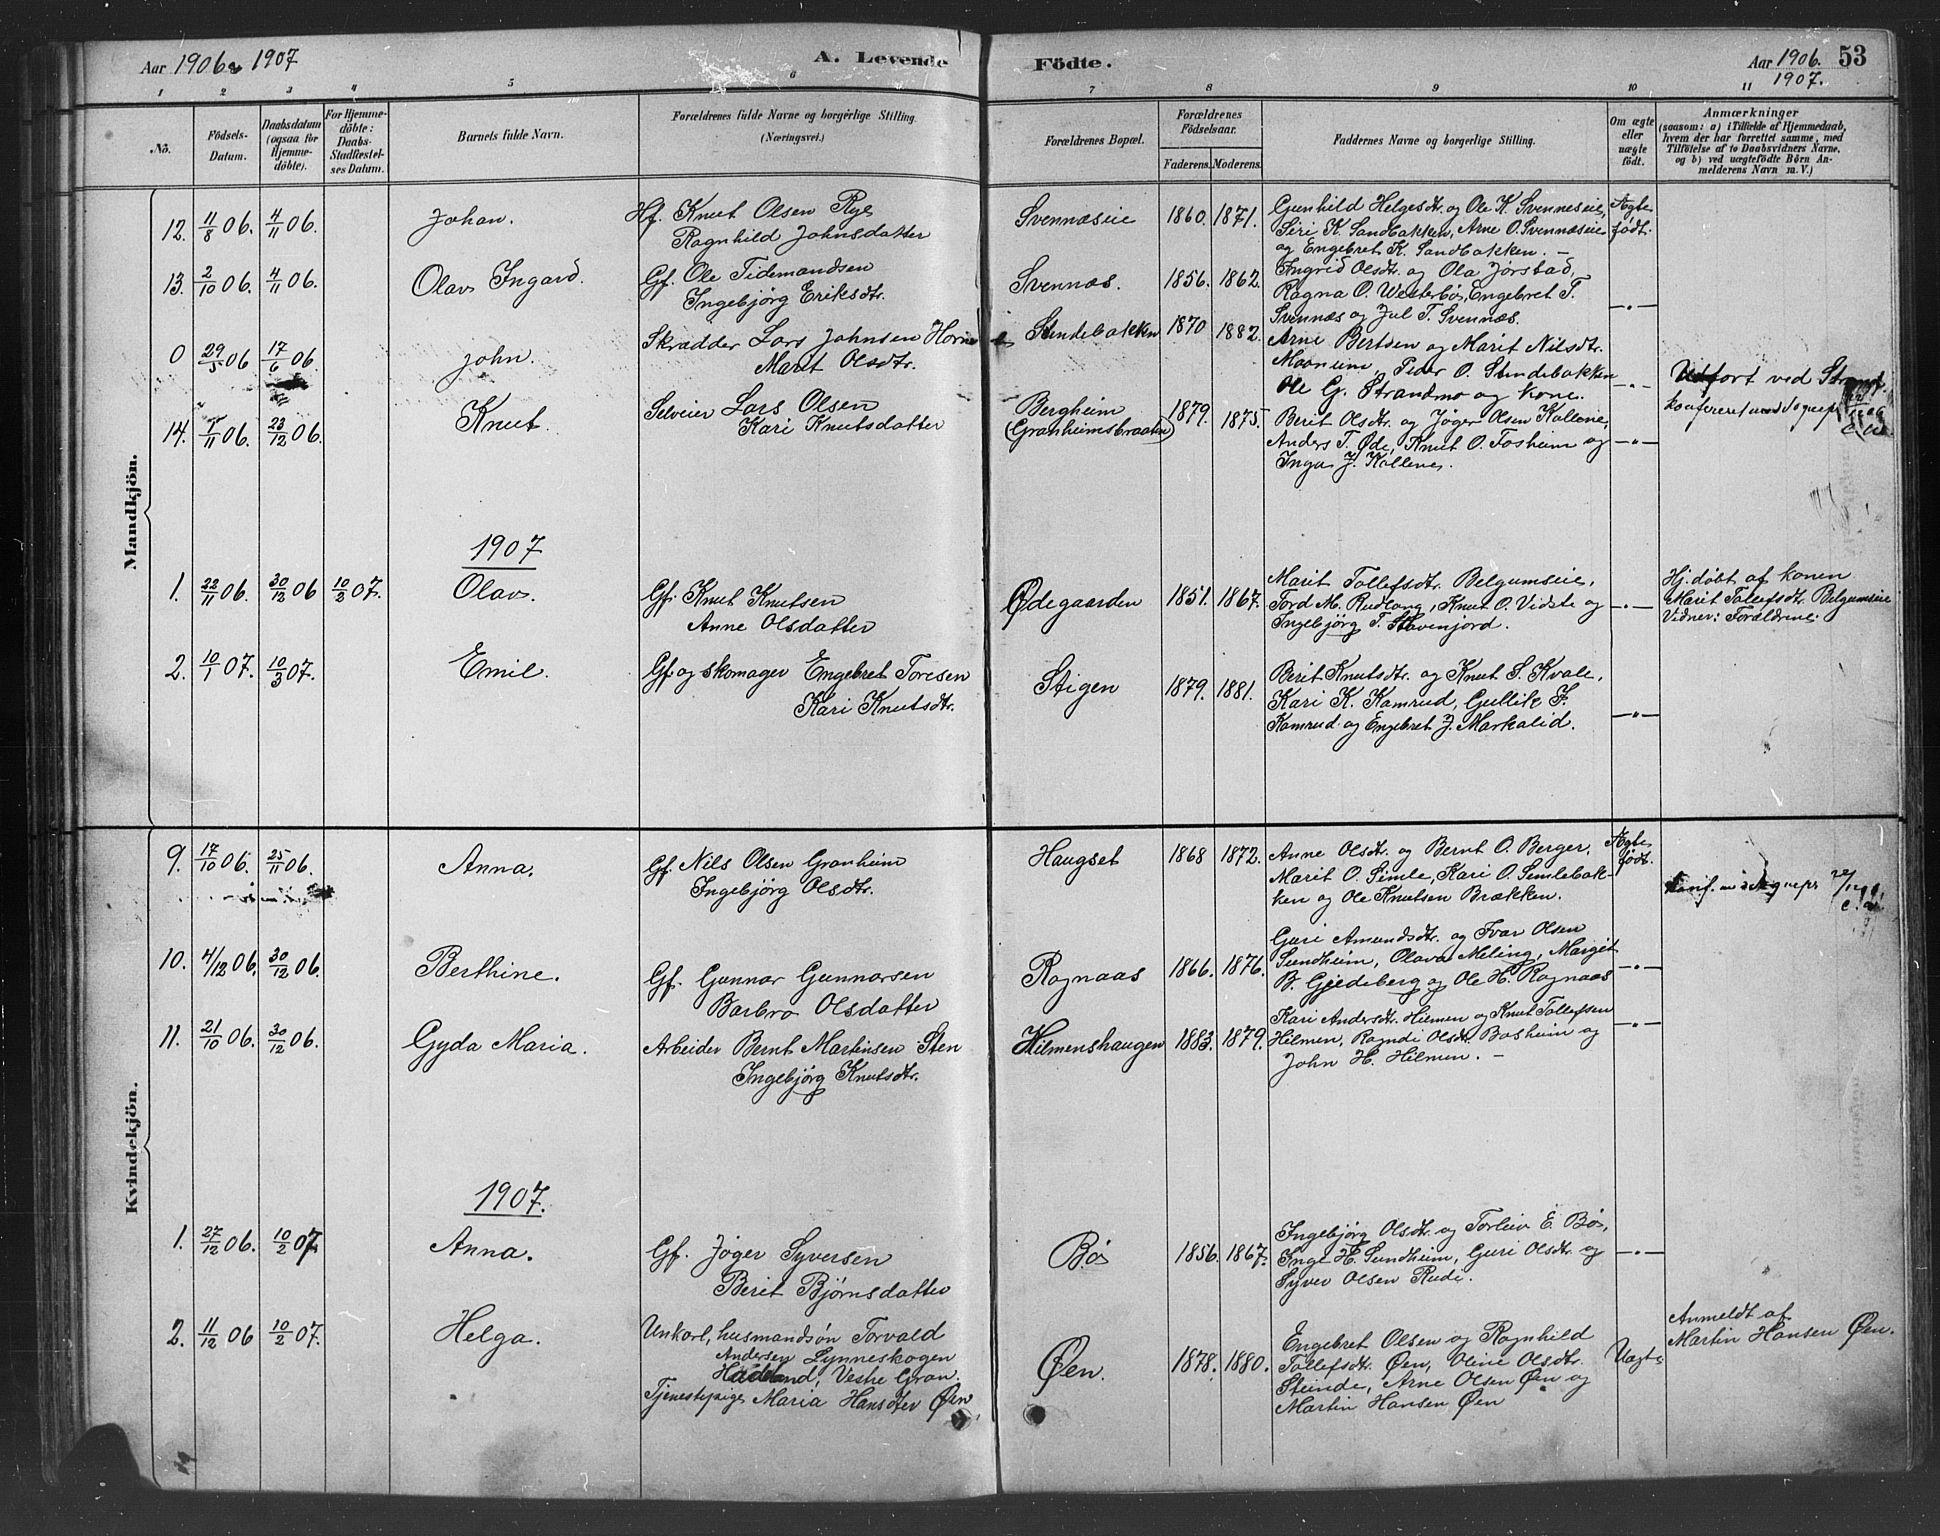 SAH, Nord-Aurdal prestekontor, Klokkerbok nr. 8, 1883-1916, s. 53